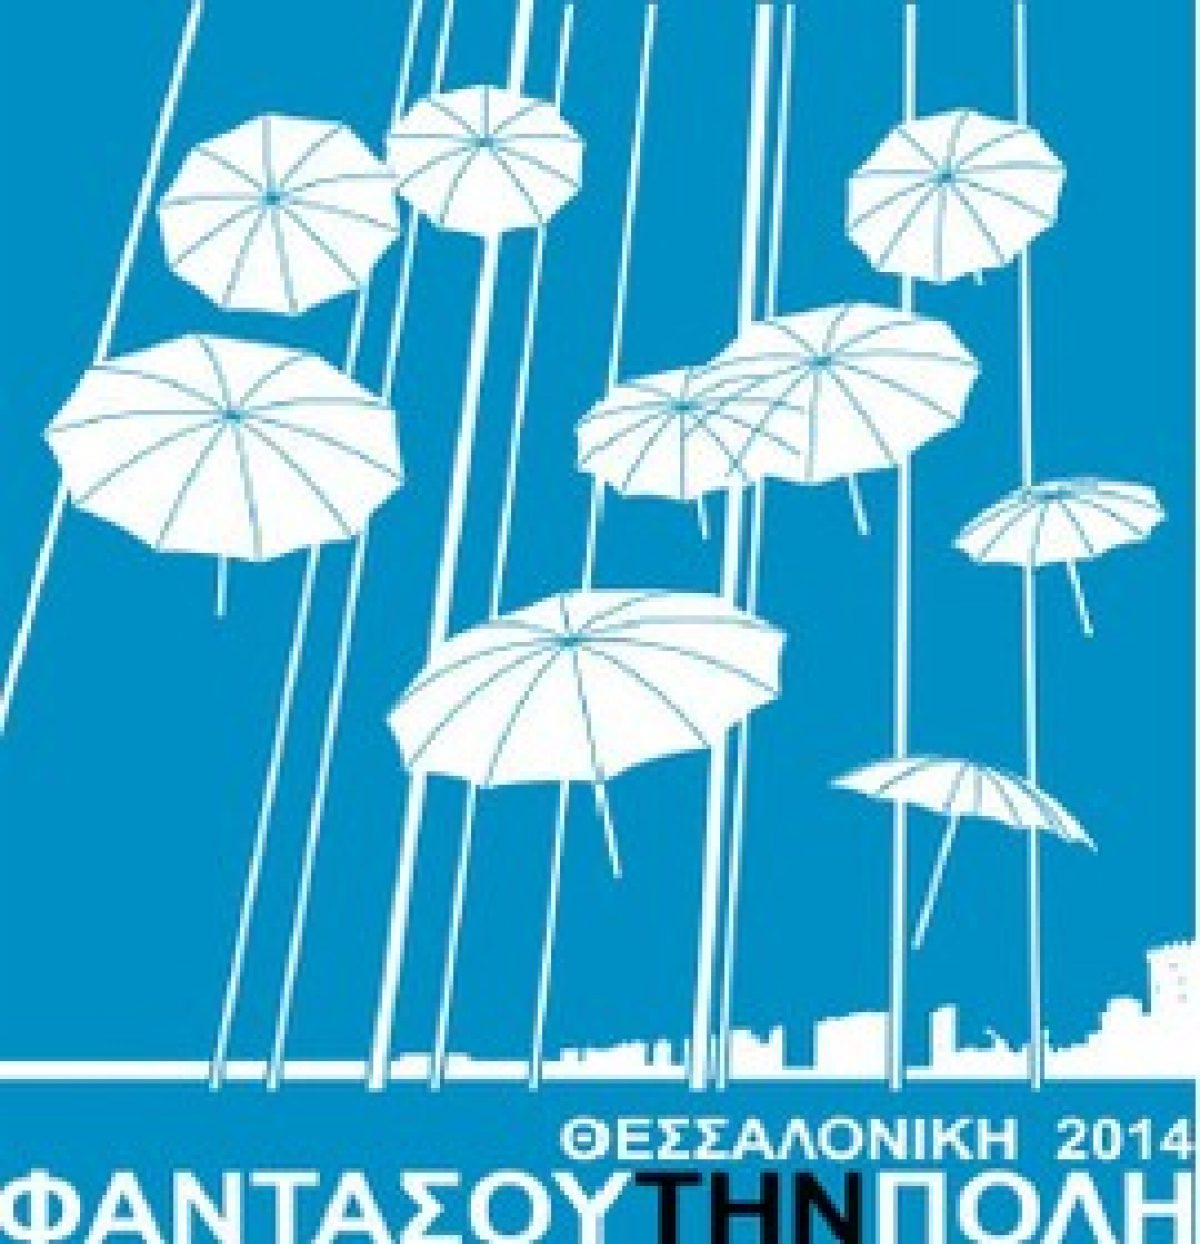 Έκθεση «Φαντάσου την πόλη / Imagine the city» και παράλληλες δράσεις από 20 – 29.6.2014 στη Θεσσαλονίκη